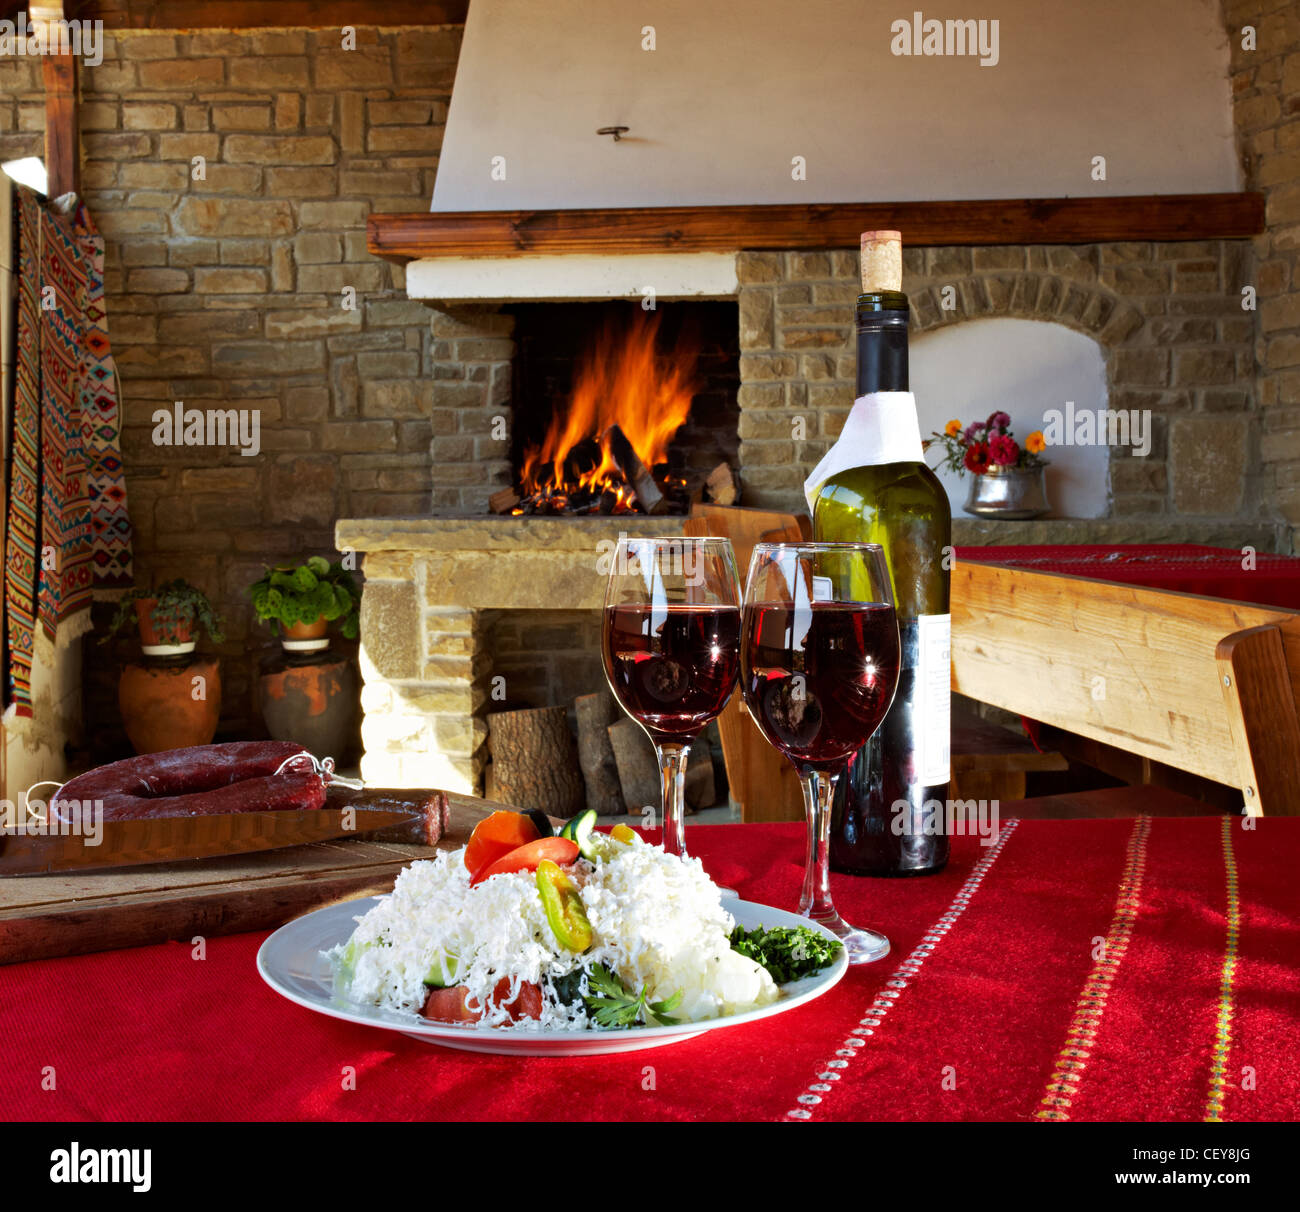 Zwei Gläser Rotwein Und Eine Flasche Vor Kamin Stockbild